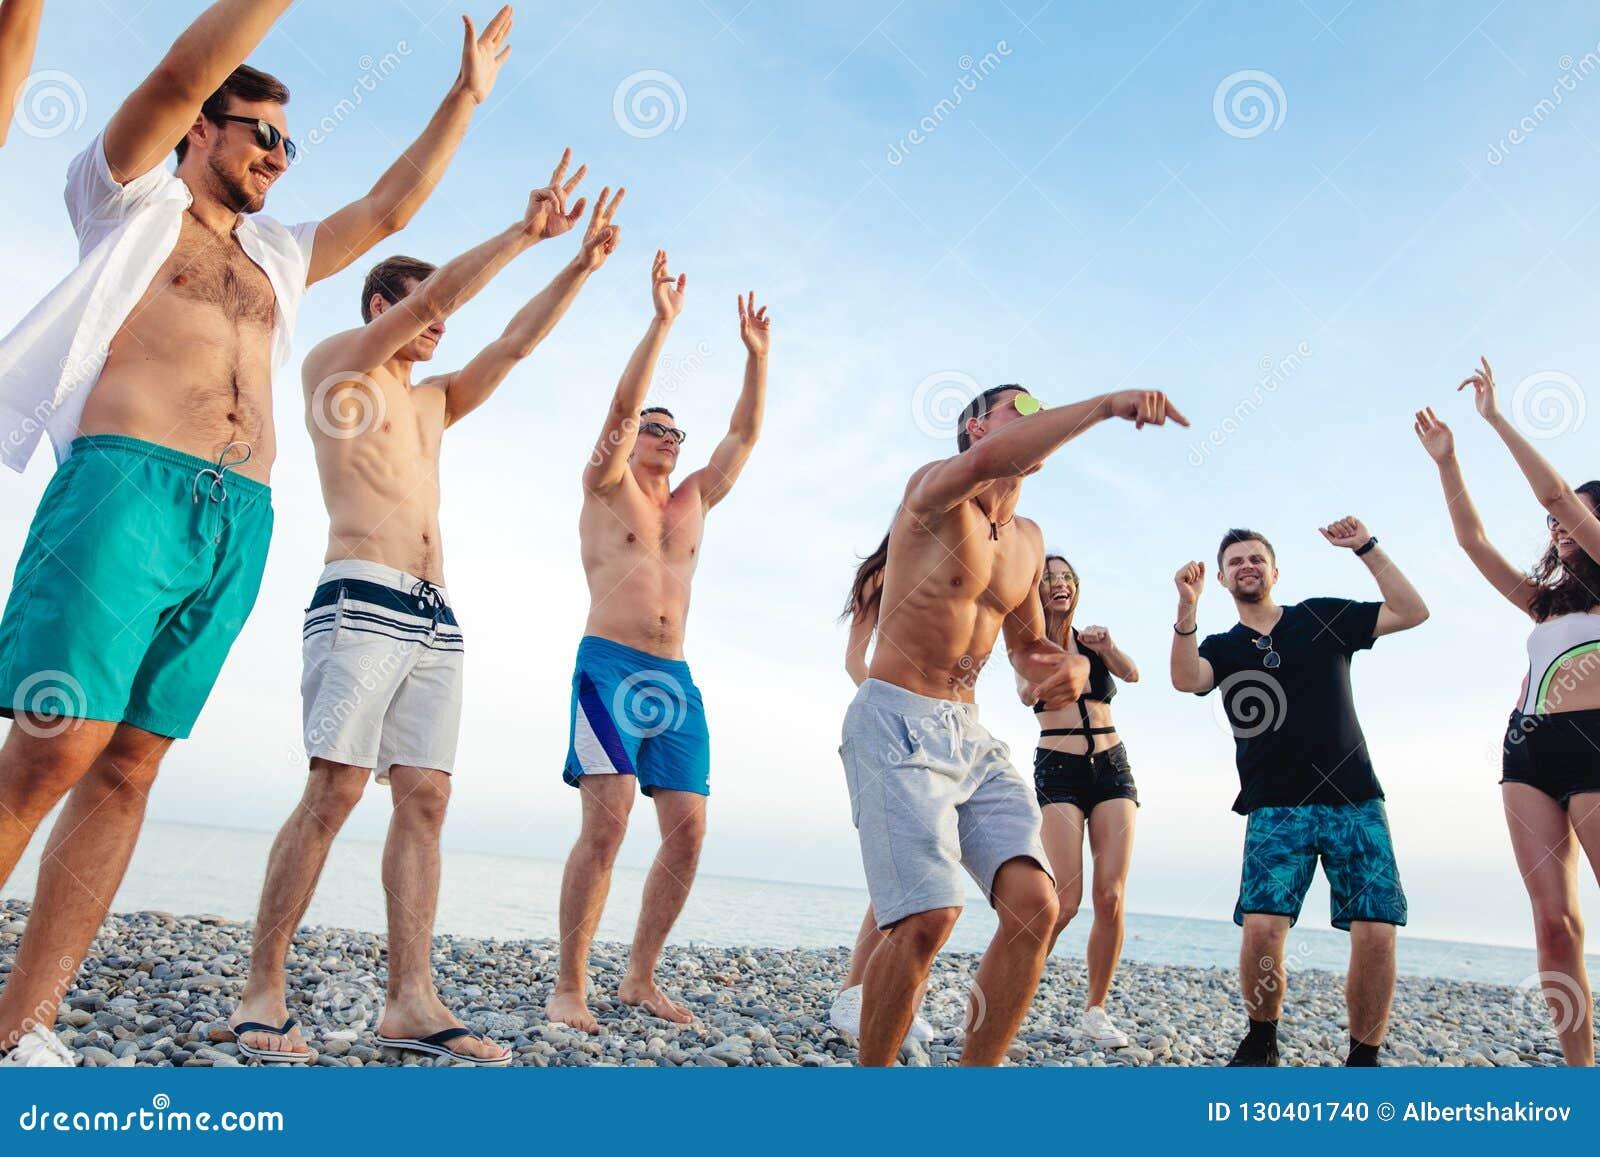 朋友在海滩跳舞在日落阳光下,获得乐趣,愉快,享用